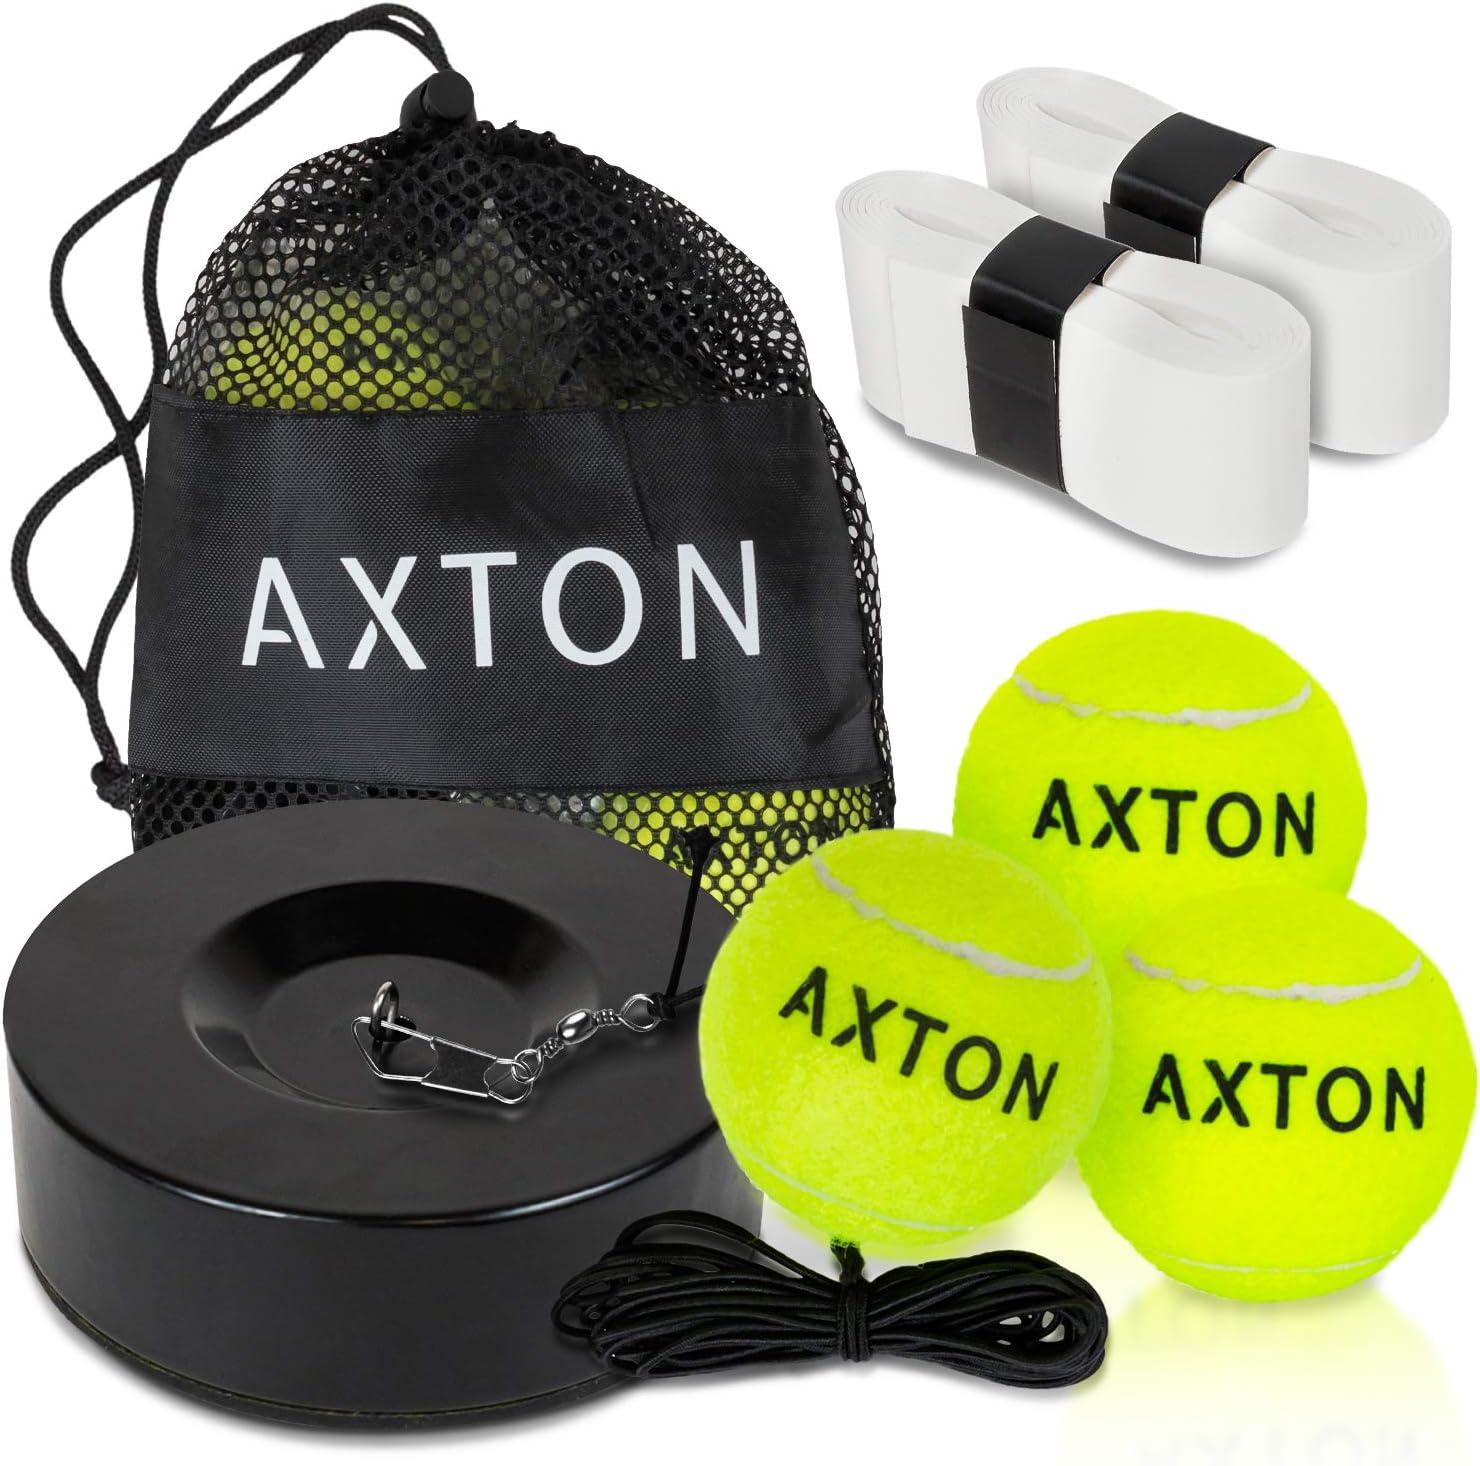 AXTON Solo Tennis Trainer Rebound Ball-Tennis Rebounder With 3 Tennis Balls-Tennis Trainer Ball With String-Tennis Ball Rebounder -Tennis Practice Equipment-Tennis Practice Rebounder- 2 Bonus Overgrip